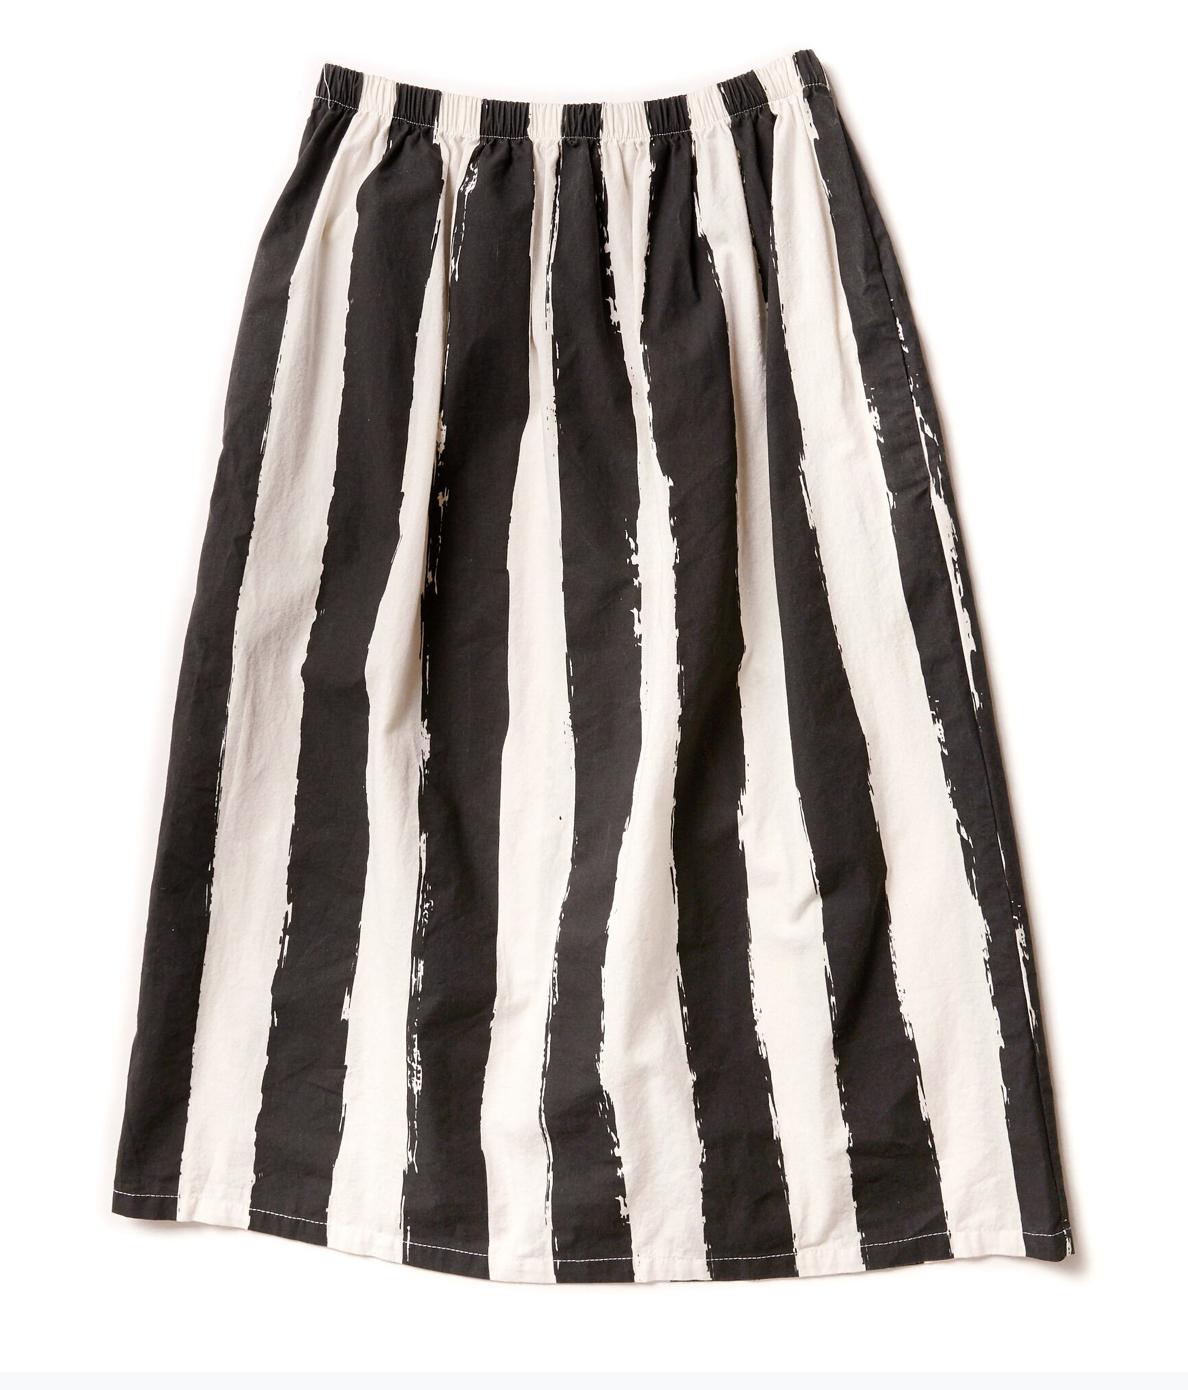 Noe & Zoe Summer Skirt